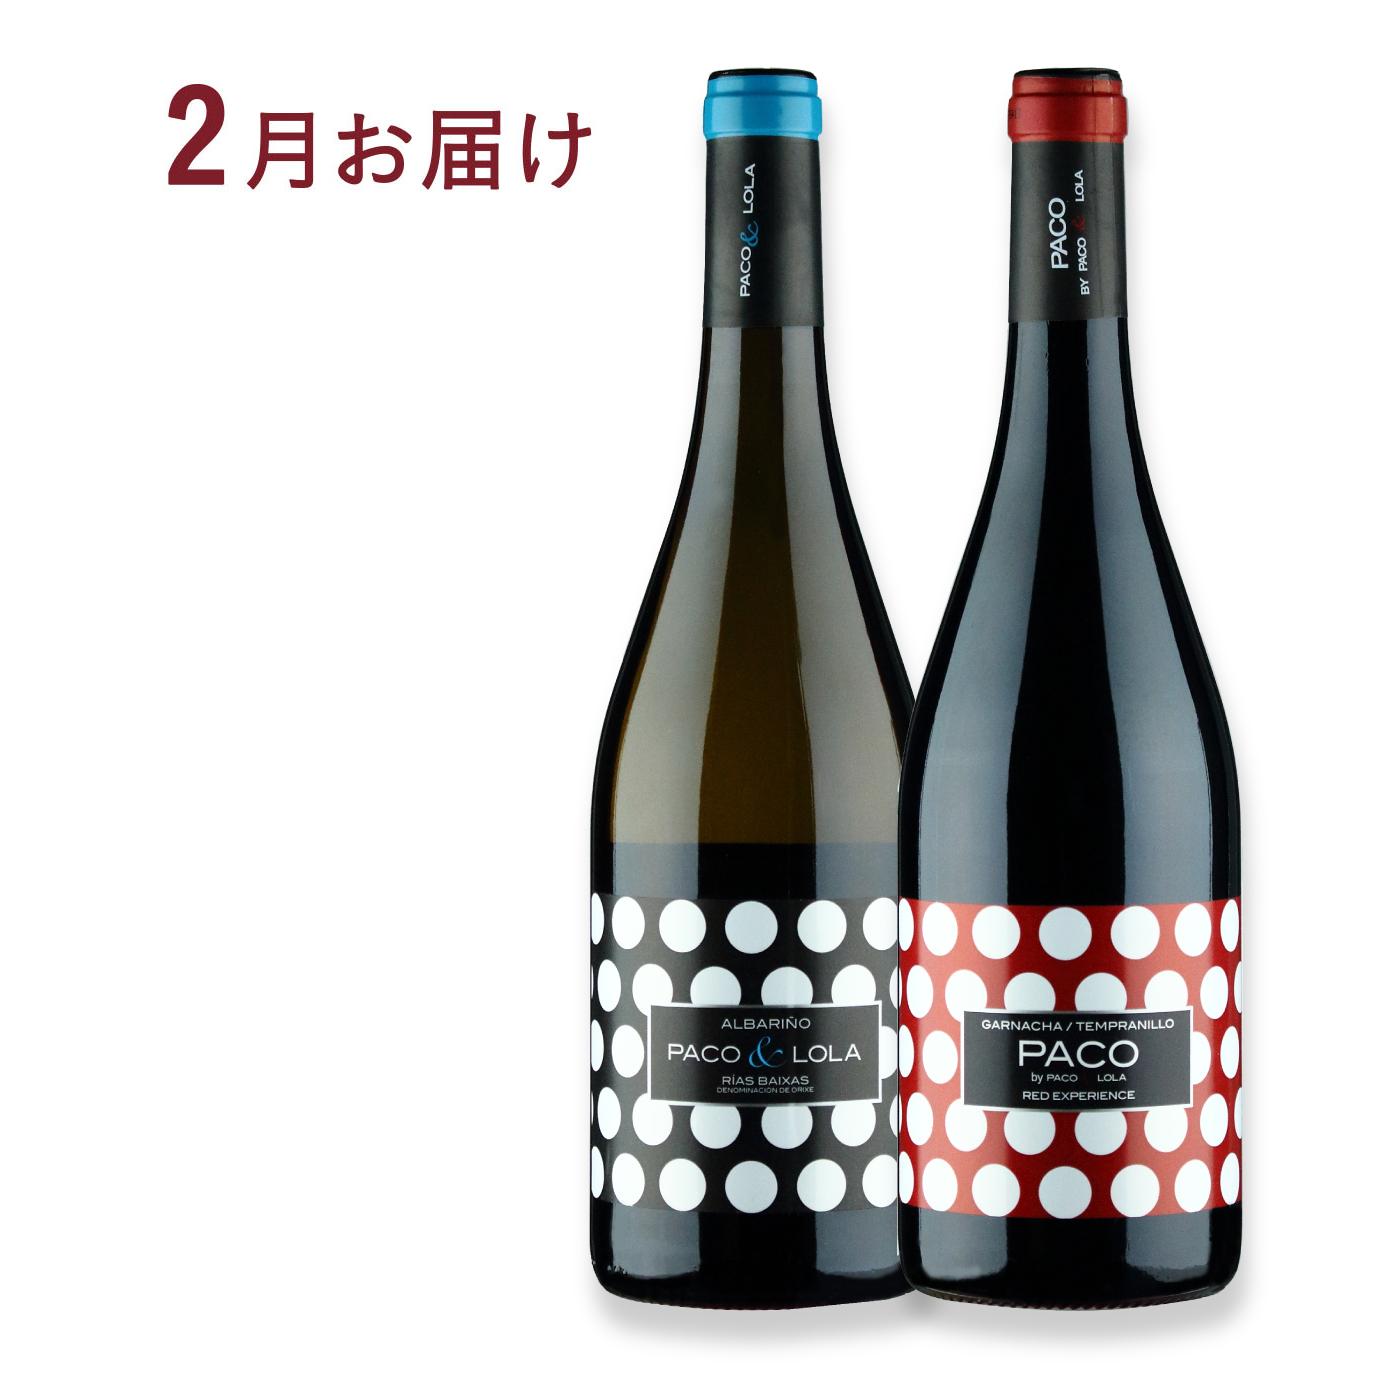 スペインで高貴品種とされている「アルバリーニョ」のワイン。海外の映画やファッションイベントでも供されるフレッシュでイキイキしたテイストは、女性におすすめです。 ●パコ イ ロラ、パコ イ ロラ ティント